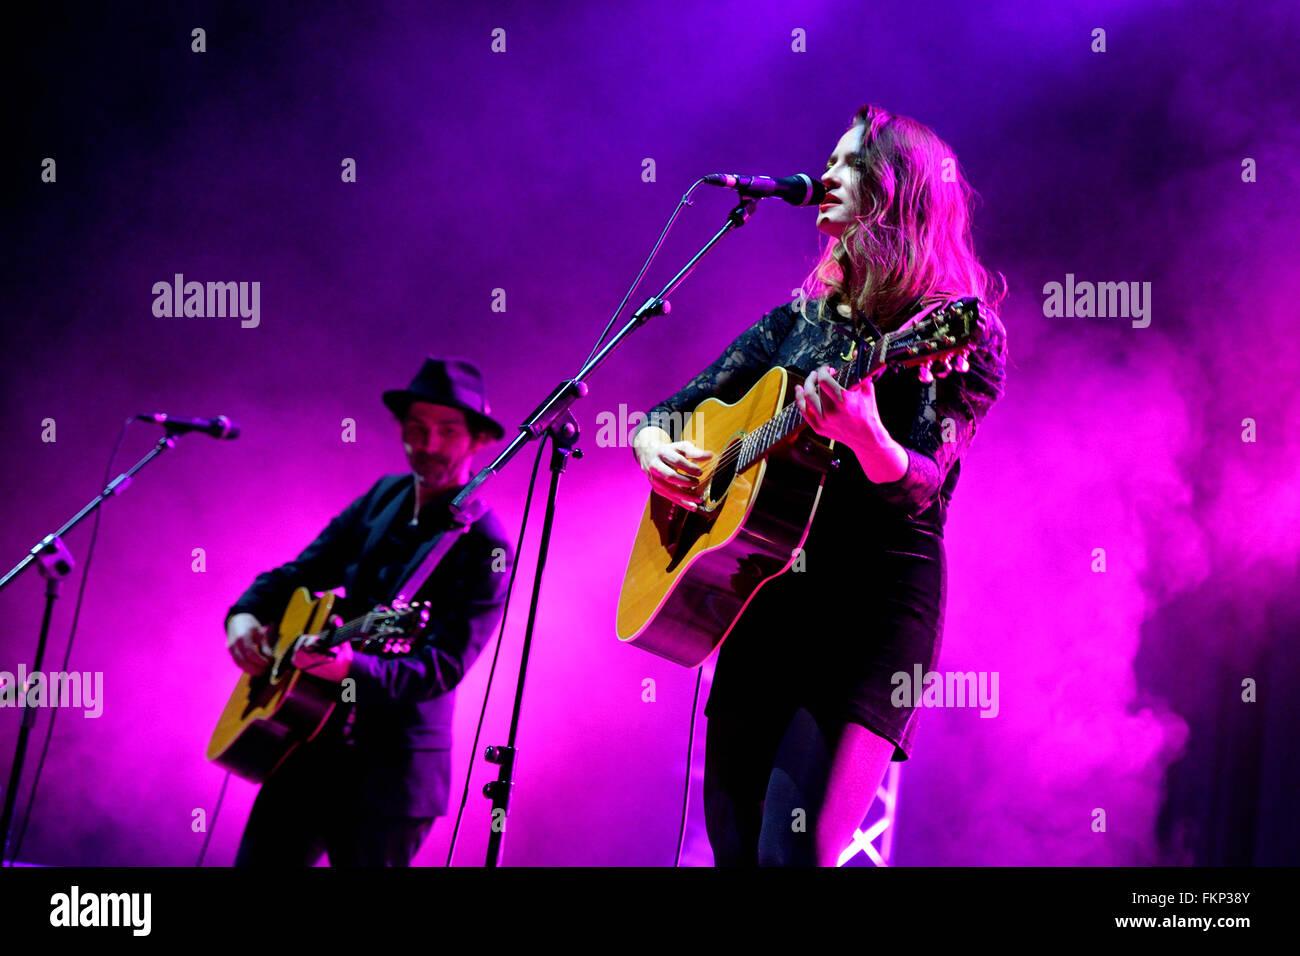 BILBAO, ESPAGNE - NOV 01: Dawn Landes (band) musique live show à Bime Festival le 01 novembre 2014 à Photo Stock